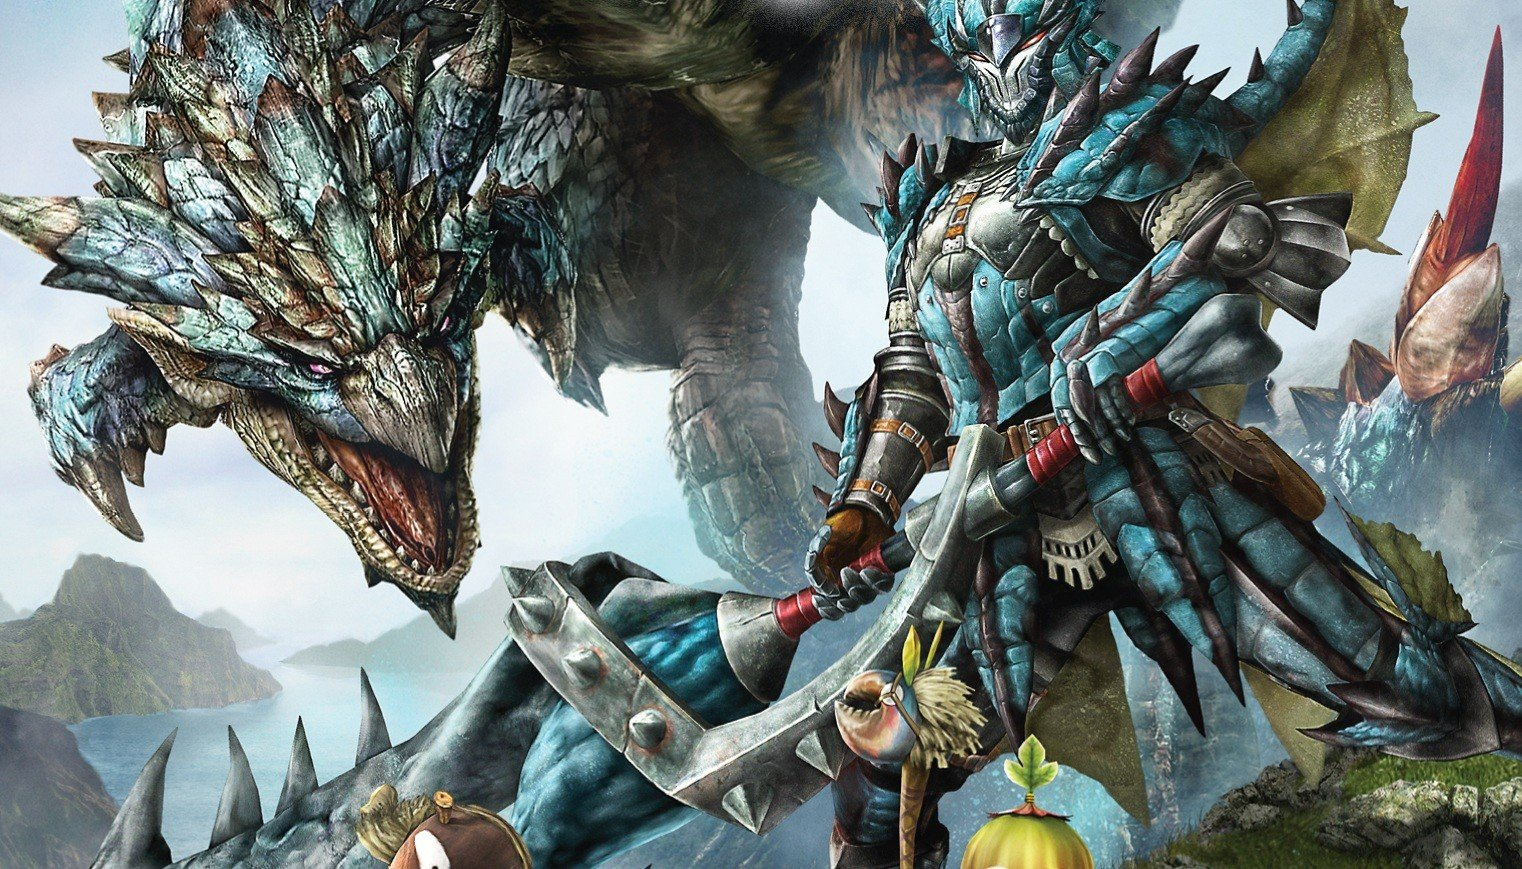 Monster Hunter tendrá su propia adaptación cinematográfica